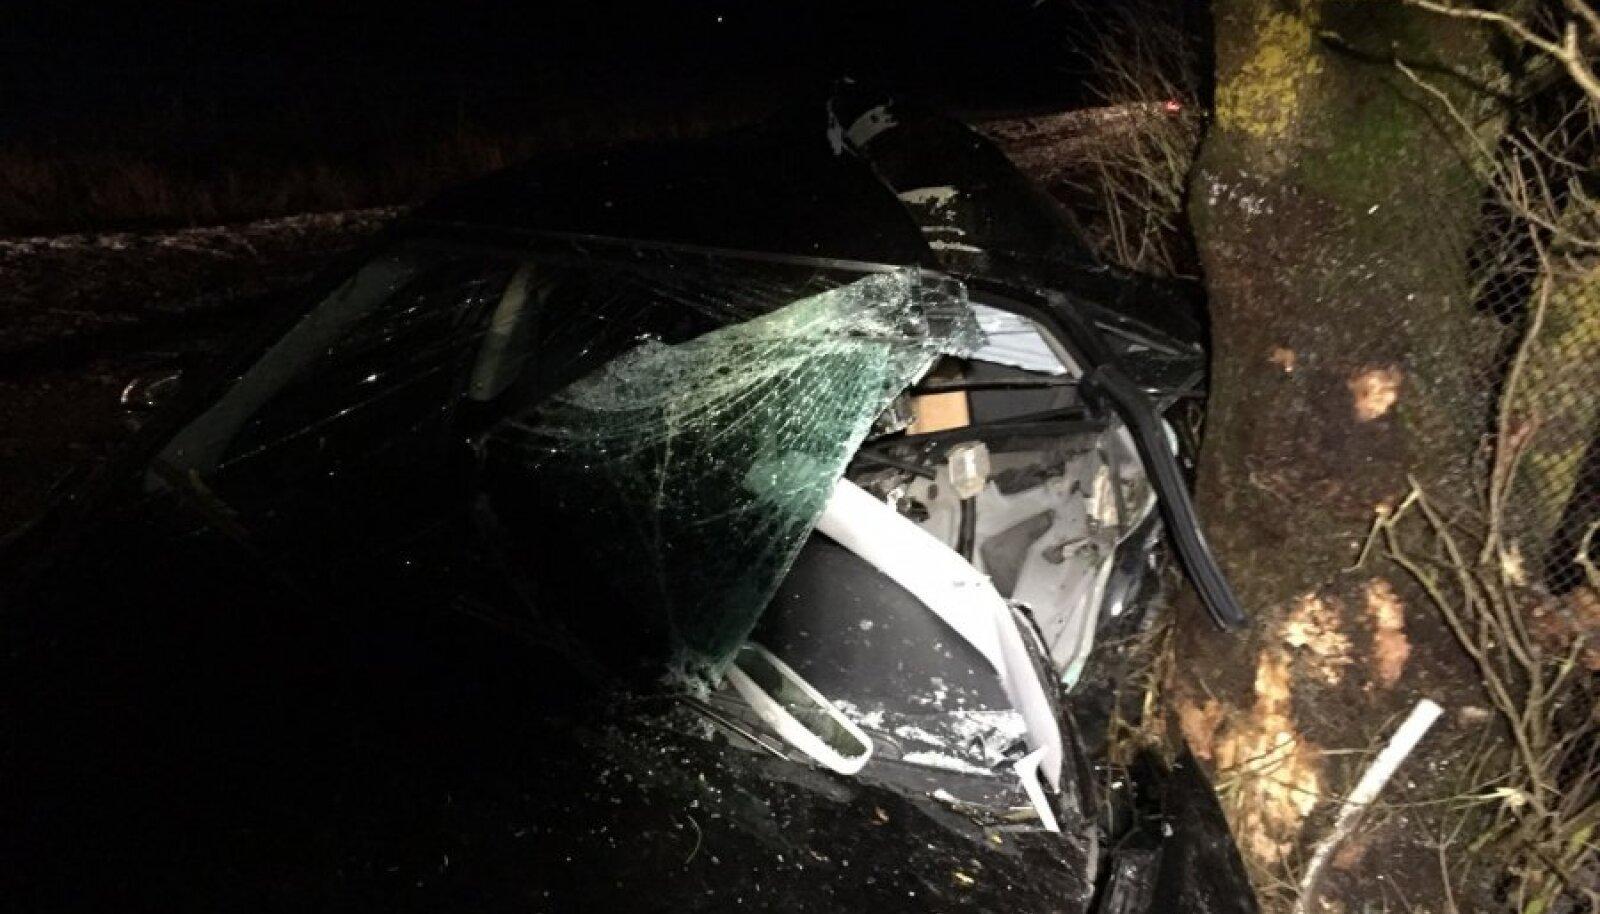 Lääne-Virumaal toimus hukkunuga liiklusõnnetus